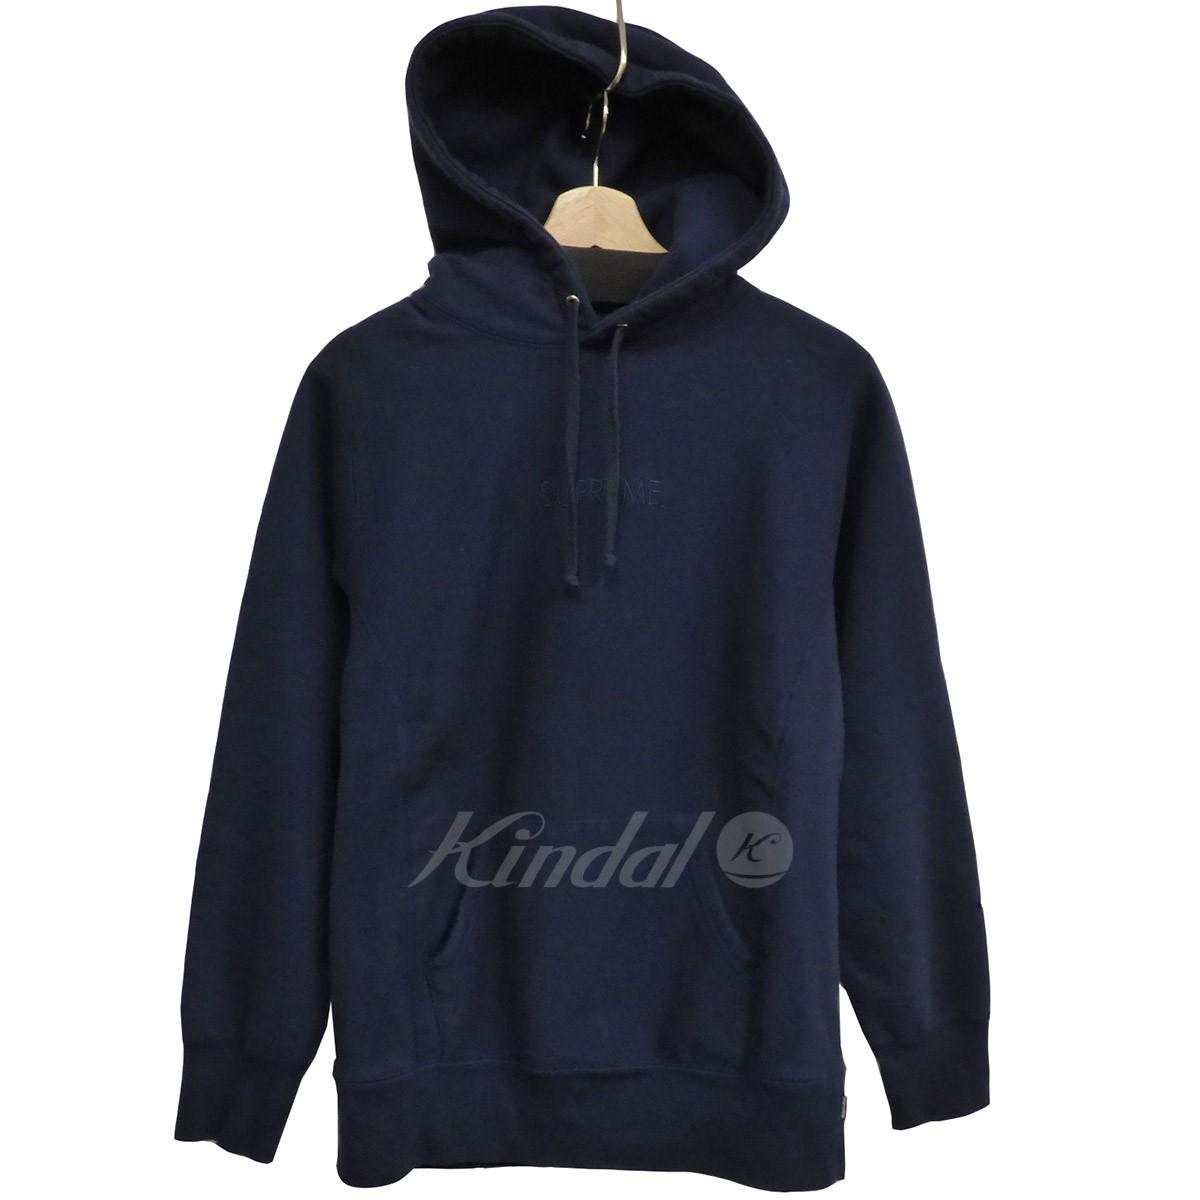 【中古】SUPREME 15AW Tanal Embroidered Hooded Sweatshirtフーディー ネイビー サイズ:S 【100519】(シュプリーム)